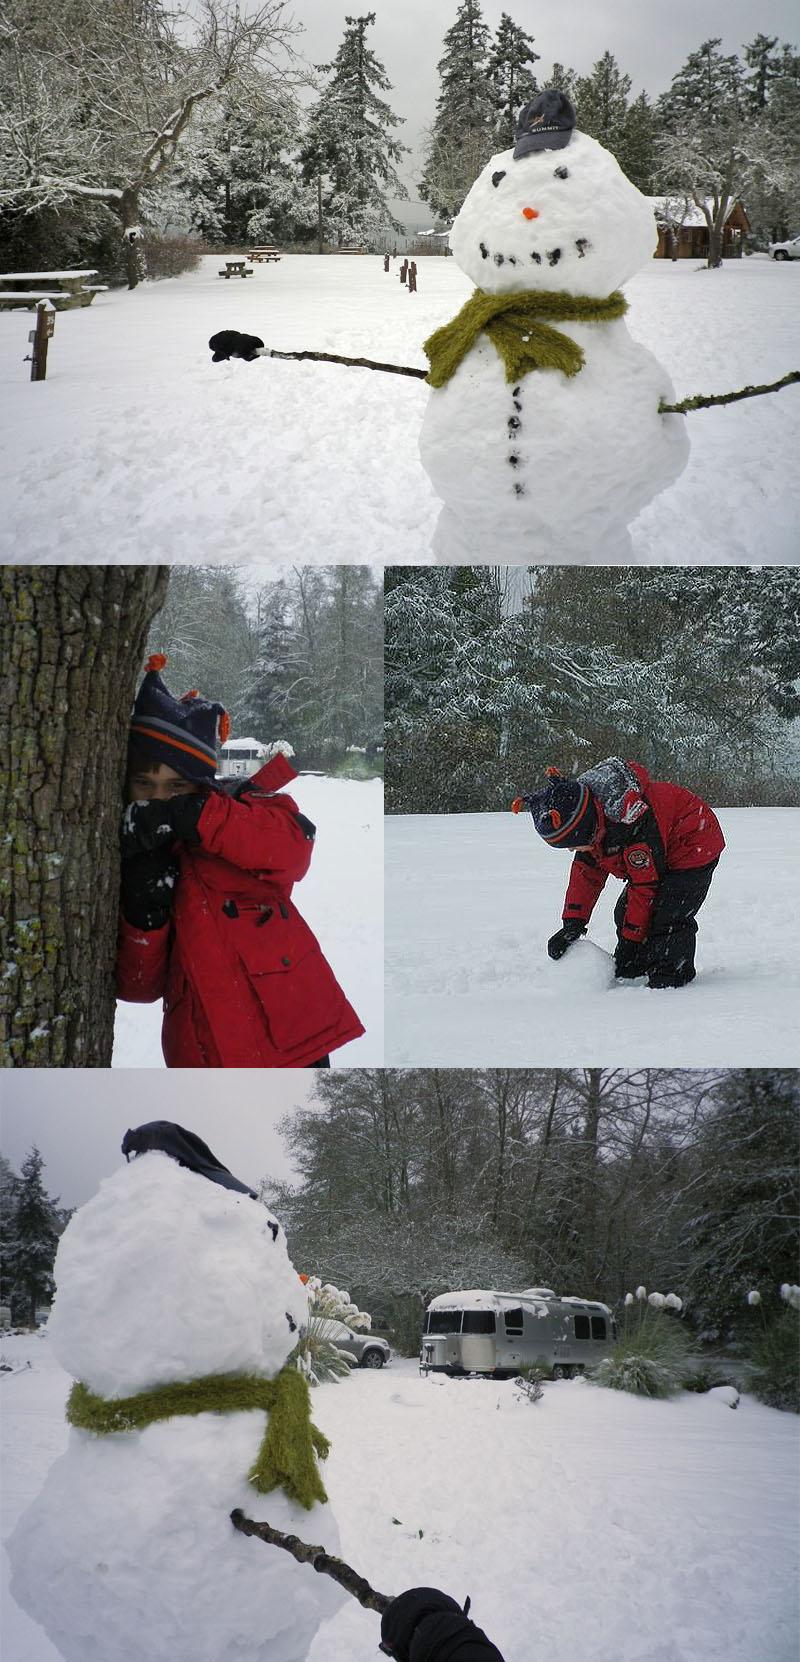 Orcas Island Snow Man